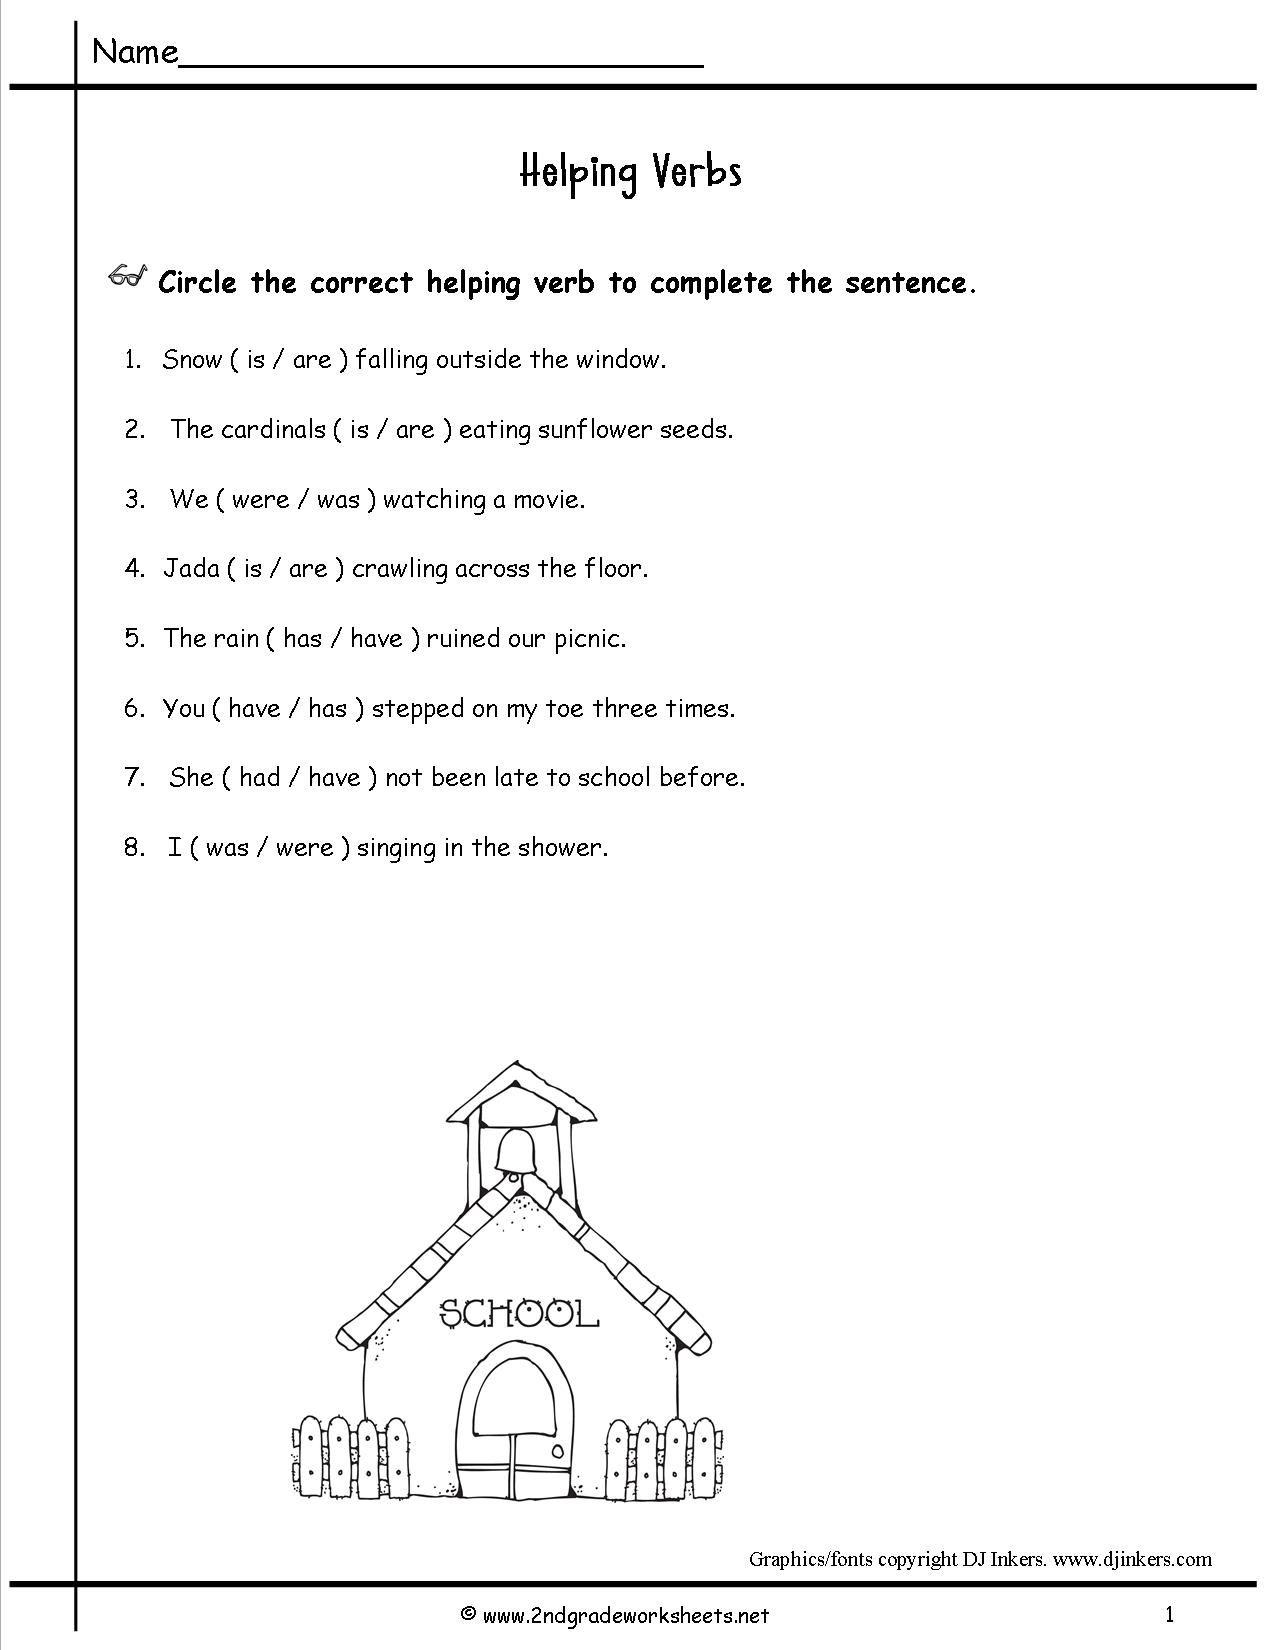 small resolution of 2ndgradeworksheets   Helping verbs worksheet